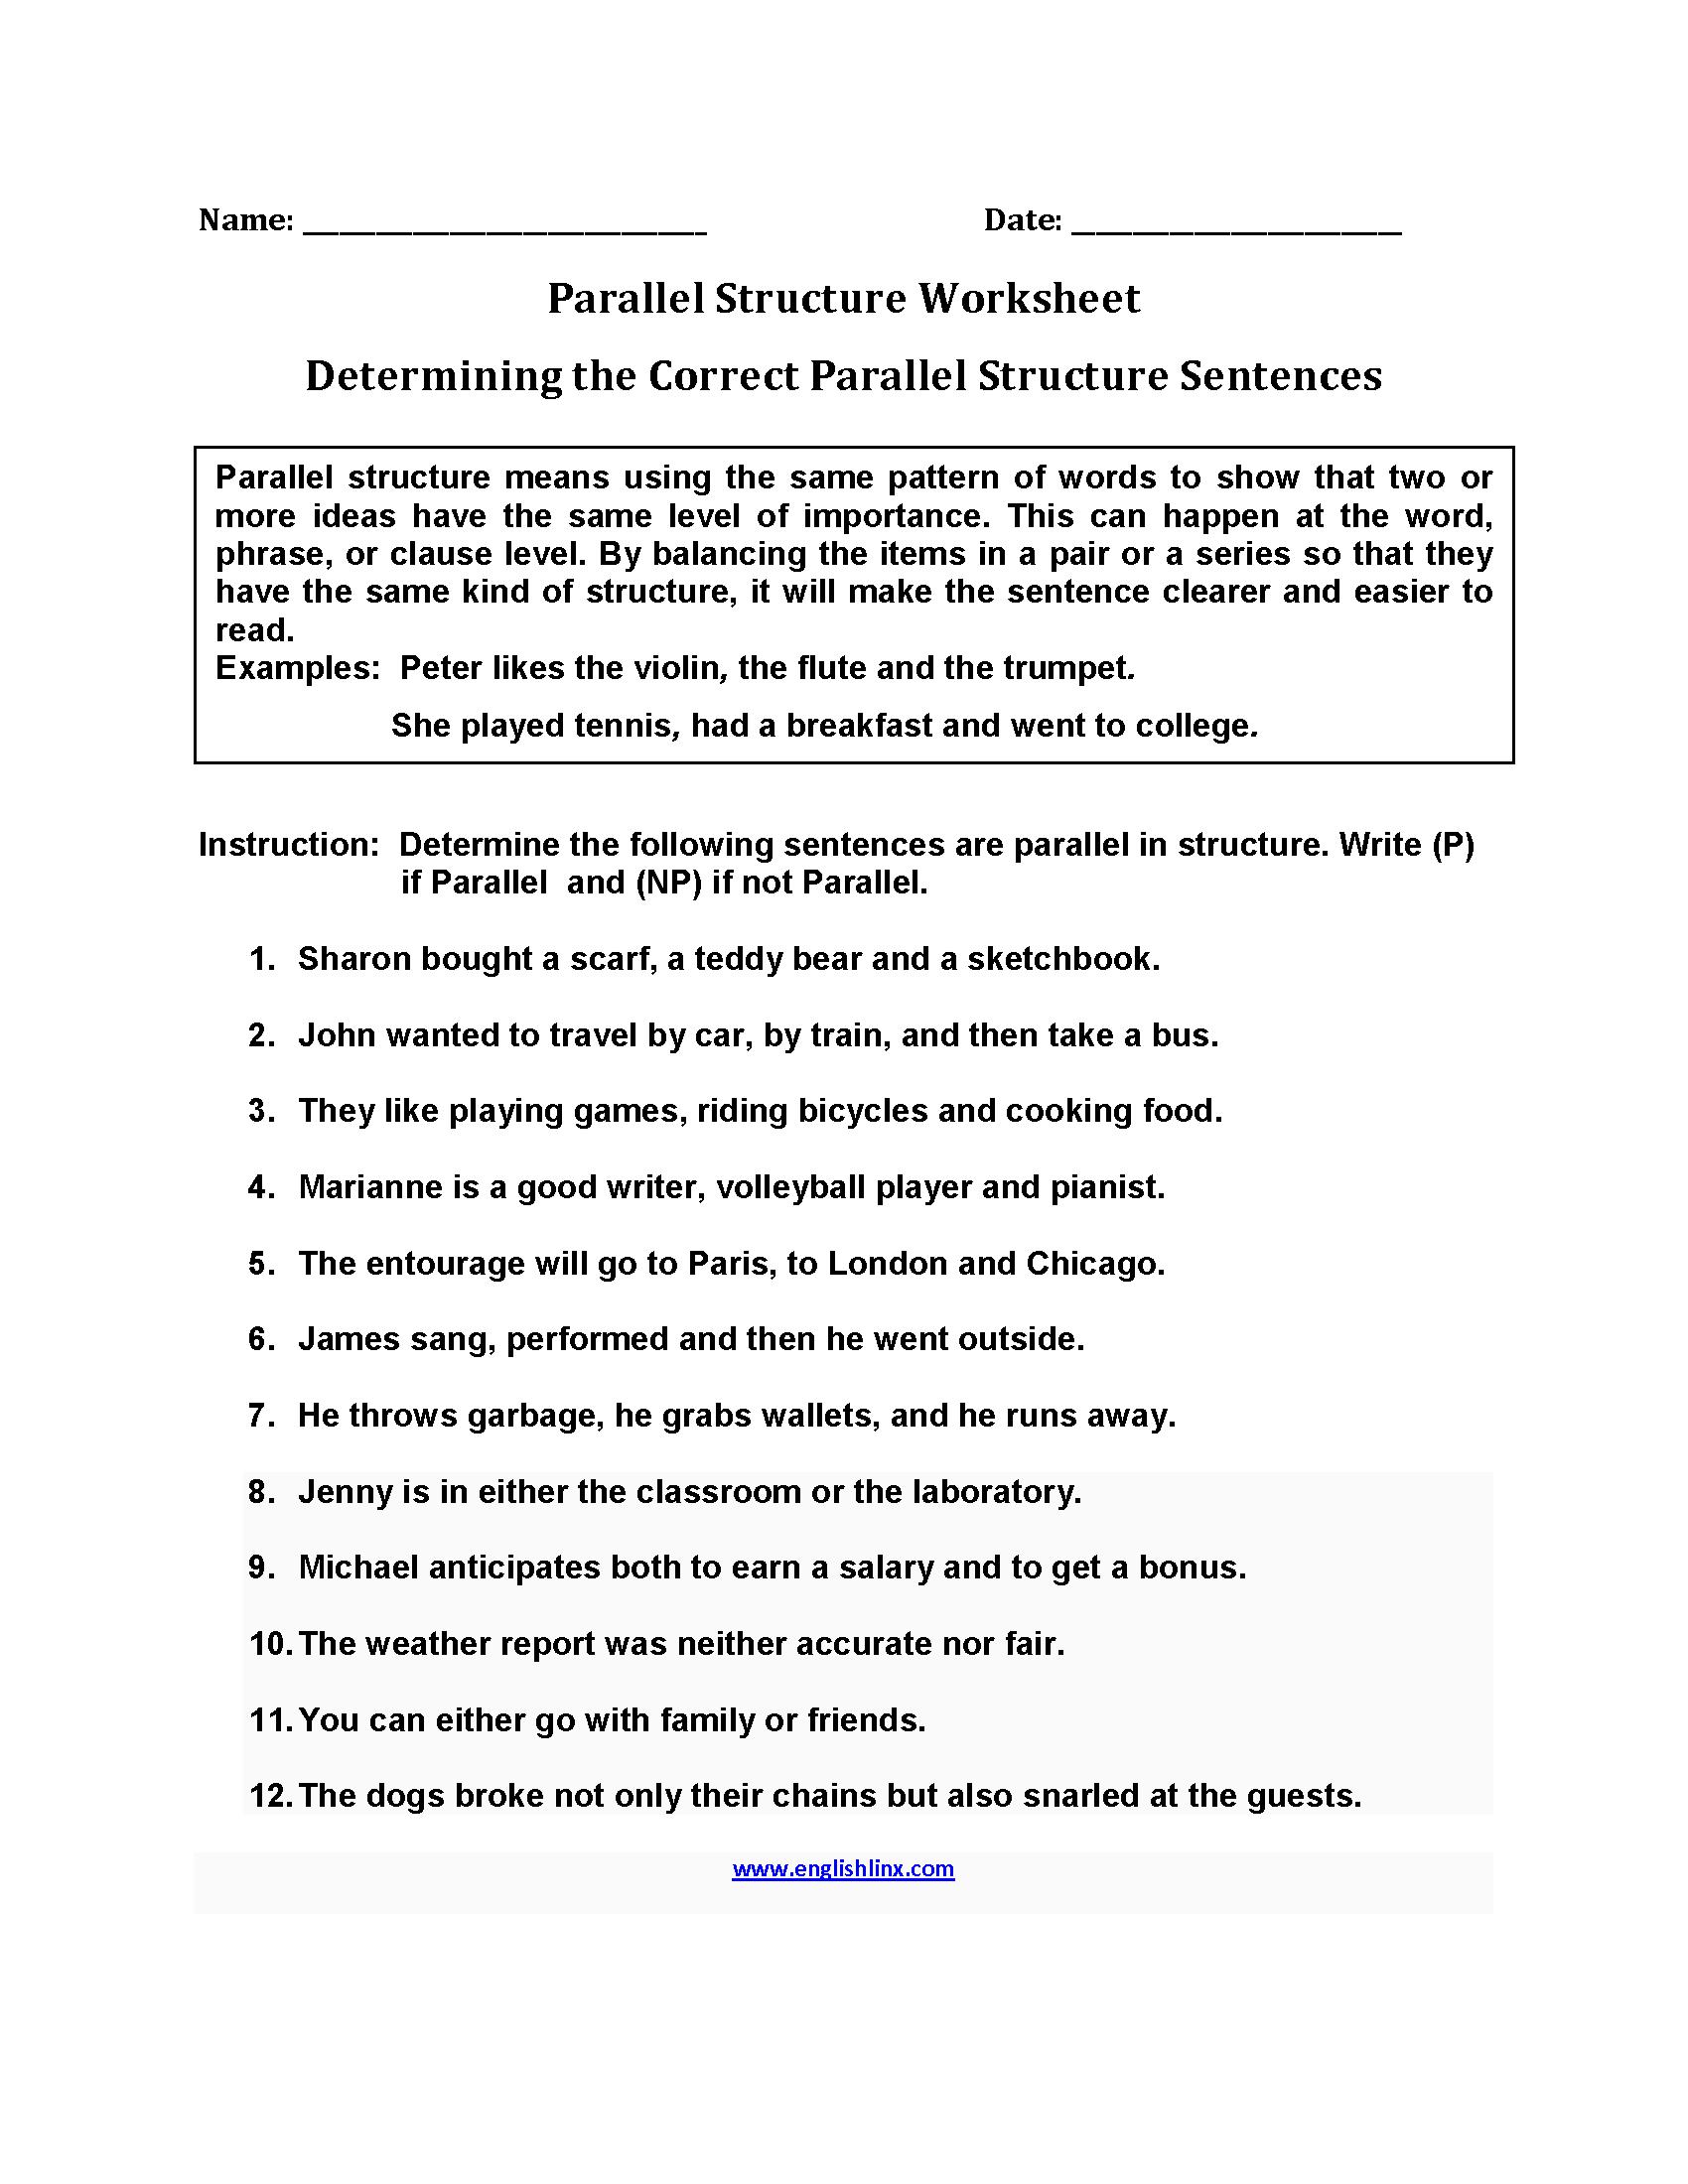 Worksheets Parallel Structure Worksheet determining parallel structure worksheets englishlinx com board worksheets